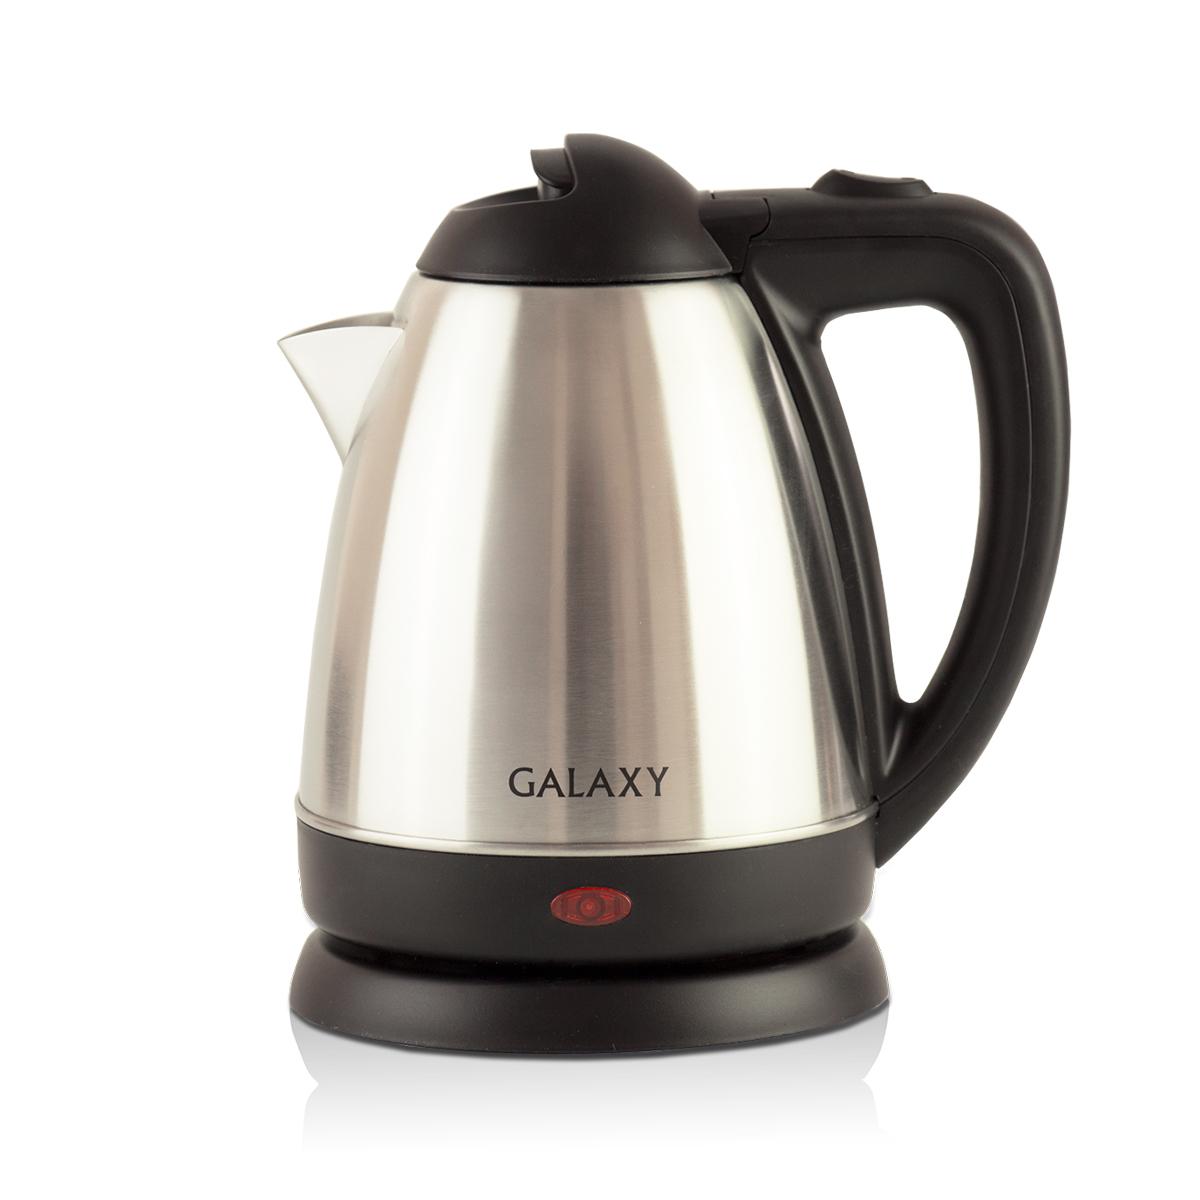 Galaxy GL 0317, Silver чайник электрический4650067301969Металлический чайник Galaxy GL 0317 изготавливается из стали марки 18/10, именуемой медицинской или хирургической. Такое название она получила не случайно, ведь именно из этой марки стали изготавливаются медицинские и хирургические инструменты. Это обусловлено тем, что сталь 18/10 экологически безопасна, имеет высокую плотность и твердость, устойчива к коррозии, а также к воздействию кислот и щелочей, в том числе при высоких температурах.Galaxy Galaxy GL 0317 - это мощная (1200 Вт) модель объемом 1,2 л. С помощью этого чайника вы сможете приготовить чай на большую компанию за считанные минуты. Вращающийся корпус сделает использование чайника еще более удобным, а фильтр избавит от попадания накипи в чашку.